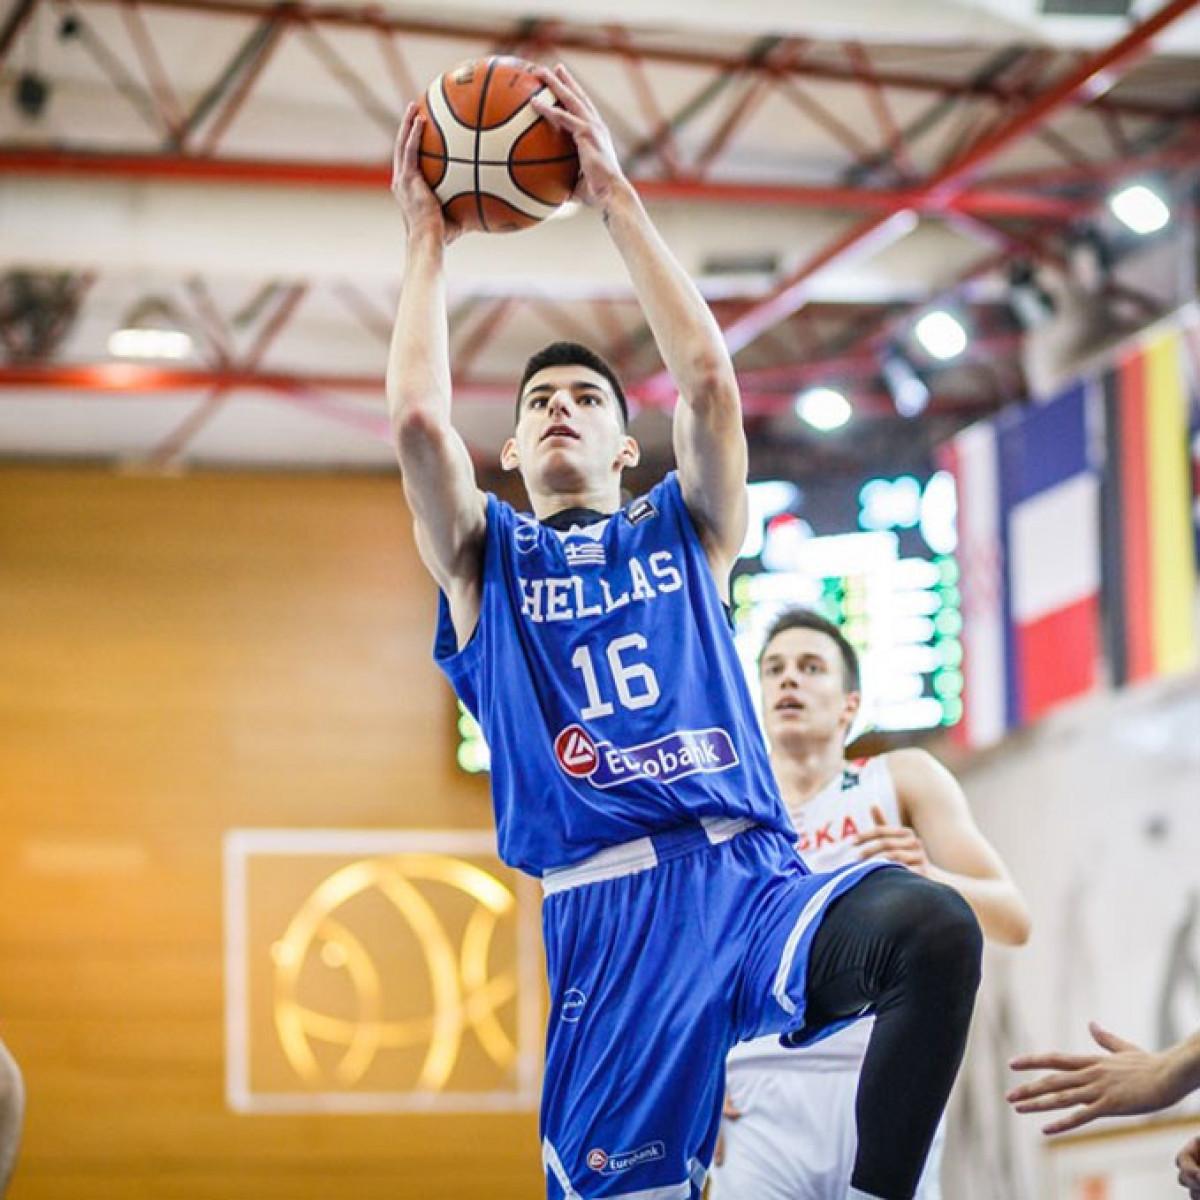 Photo of Georgios Kalaitzakis, 2019-2020 season